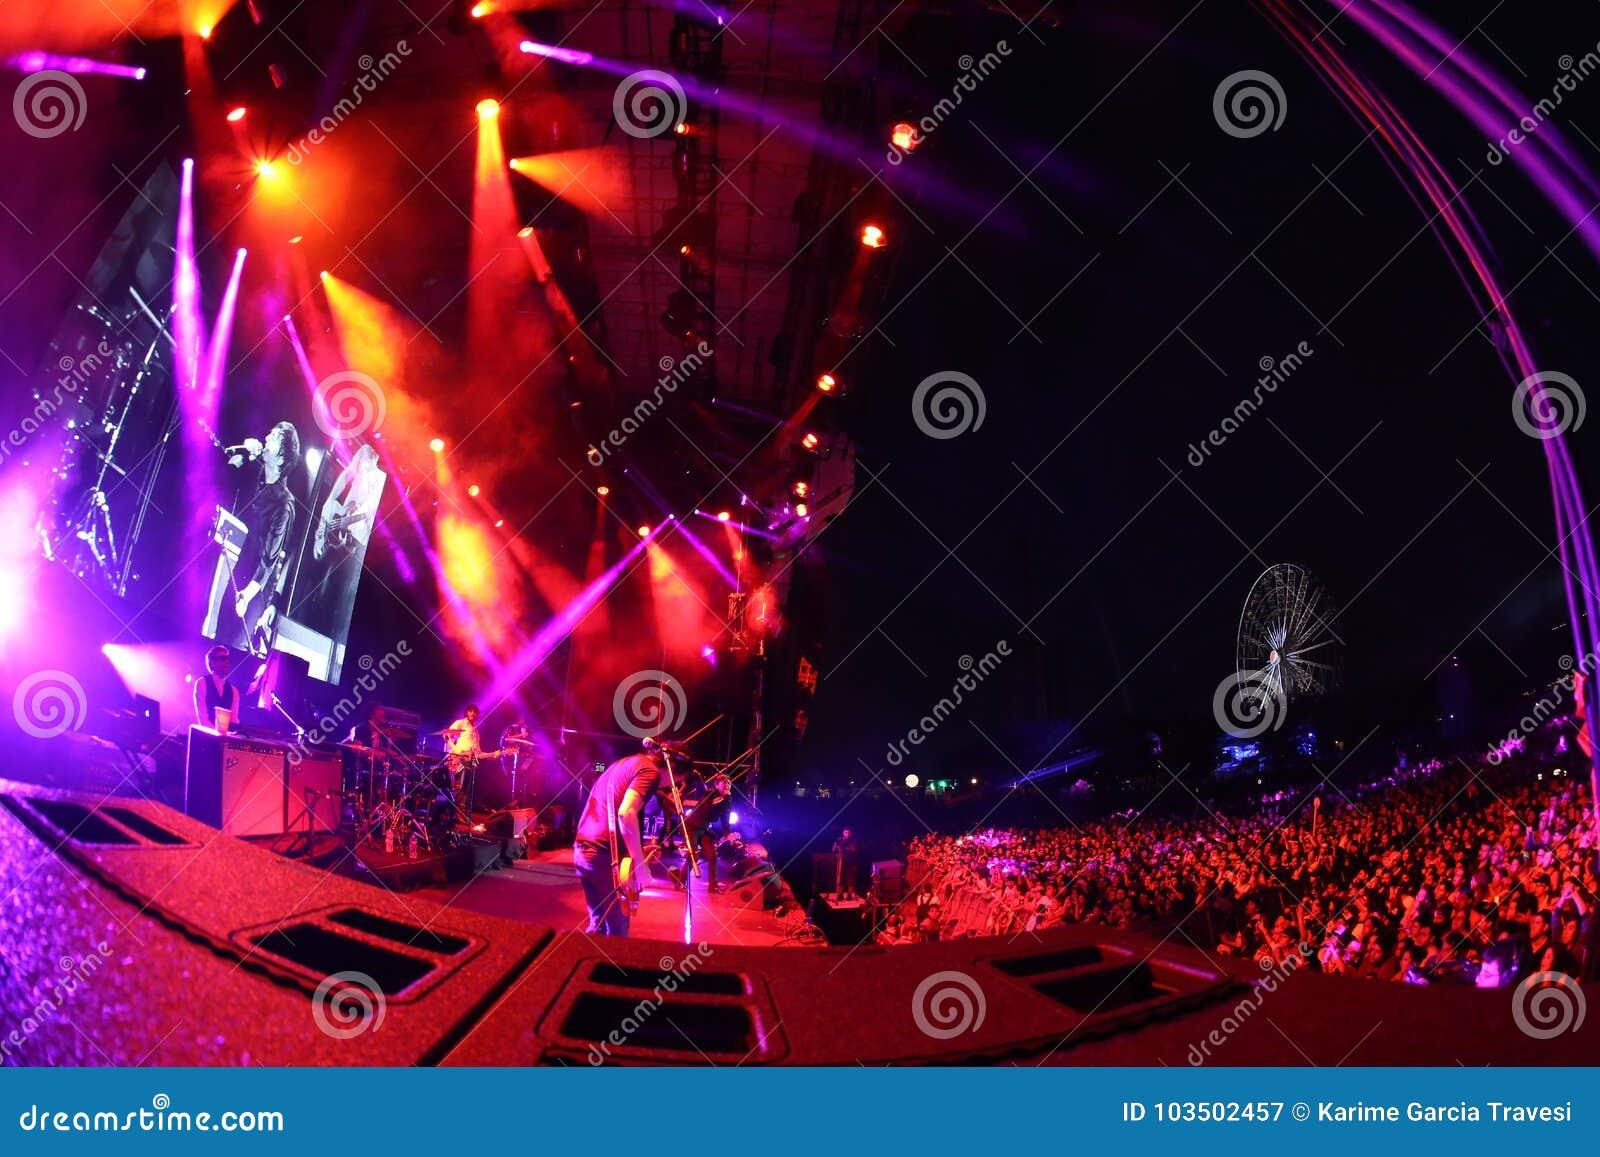 Concert in mexican city of Monterrey